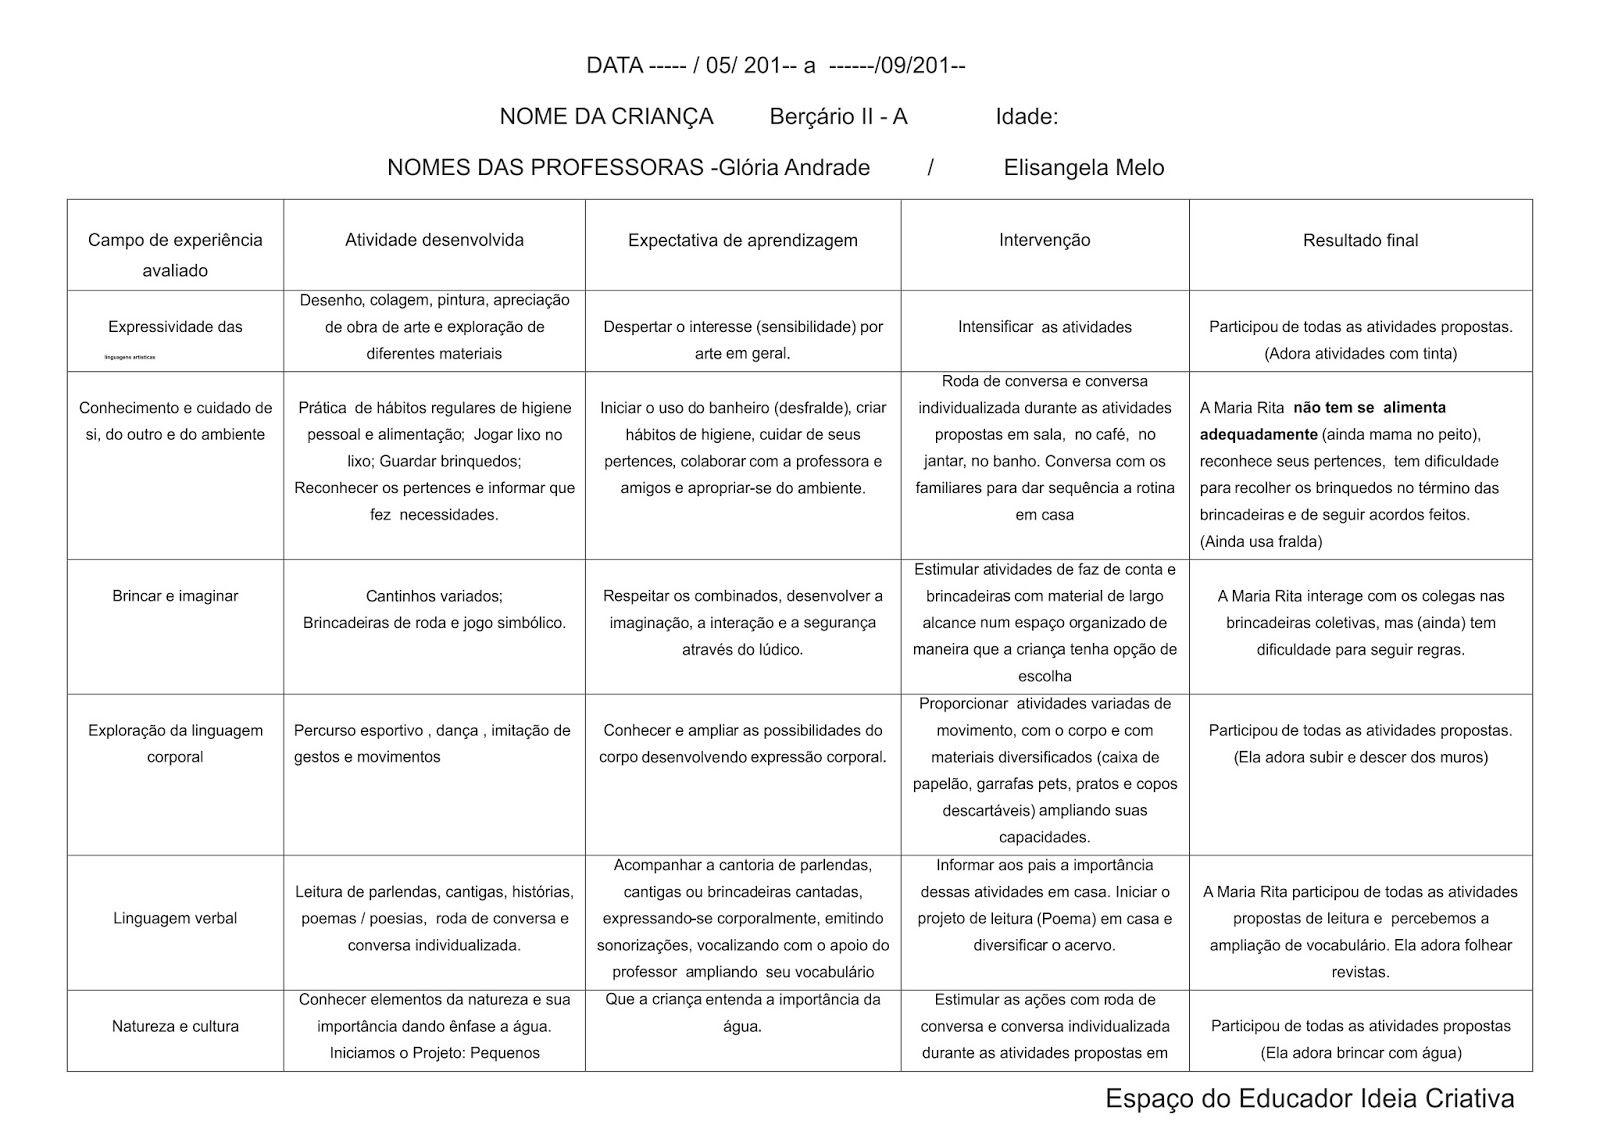 Modelo De Avaliacao Individual Bercario Preenchido Jpg 1600 1132